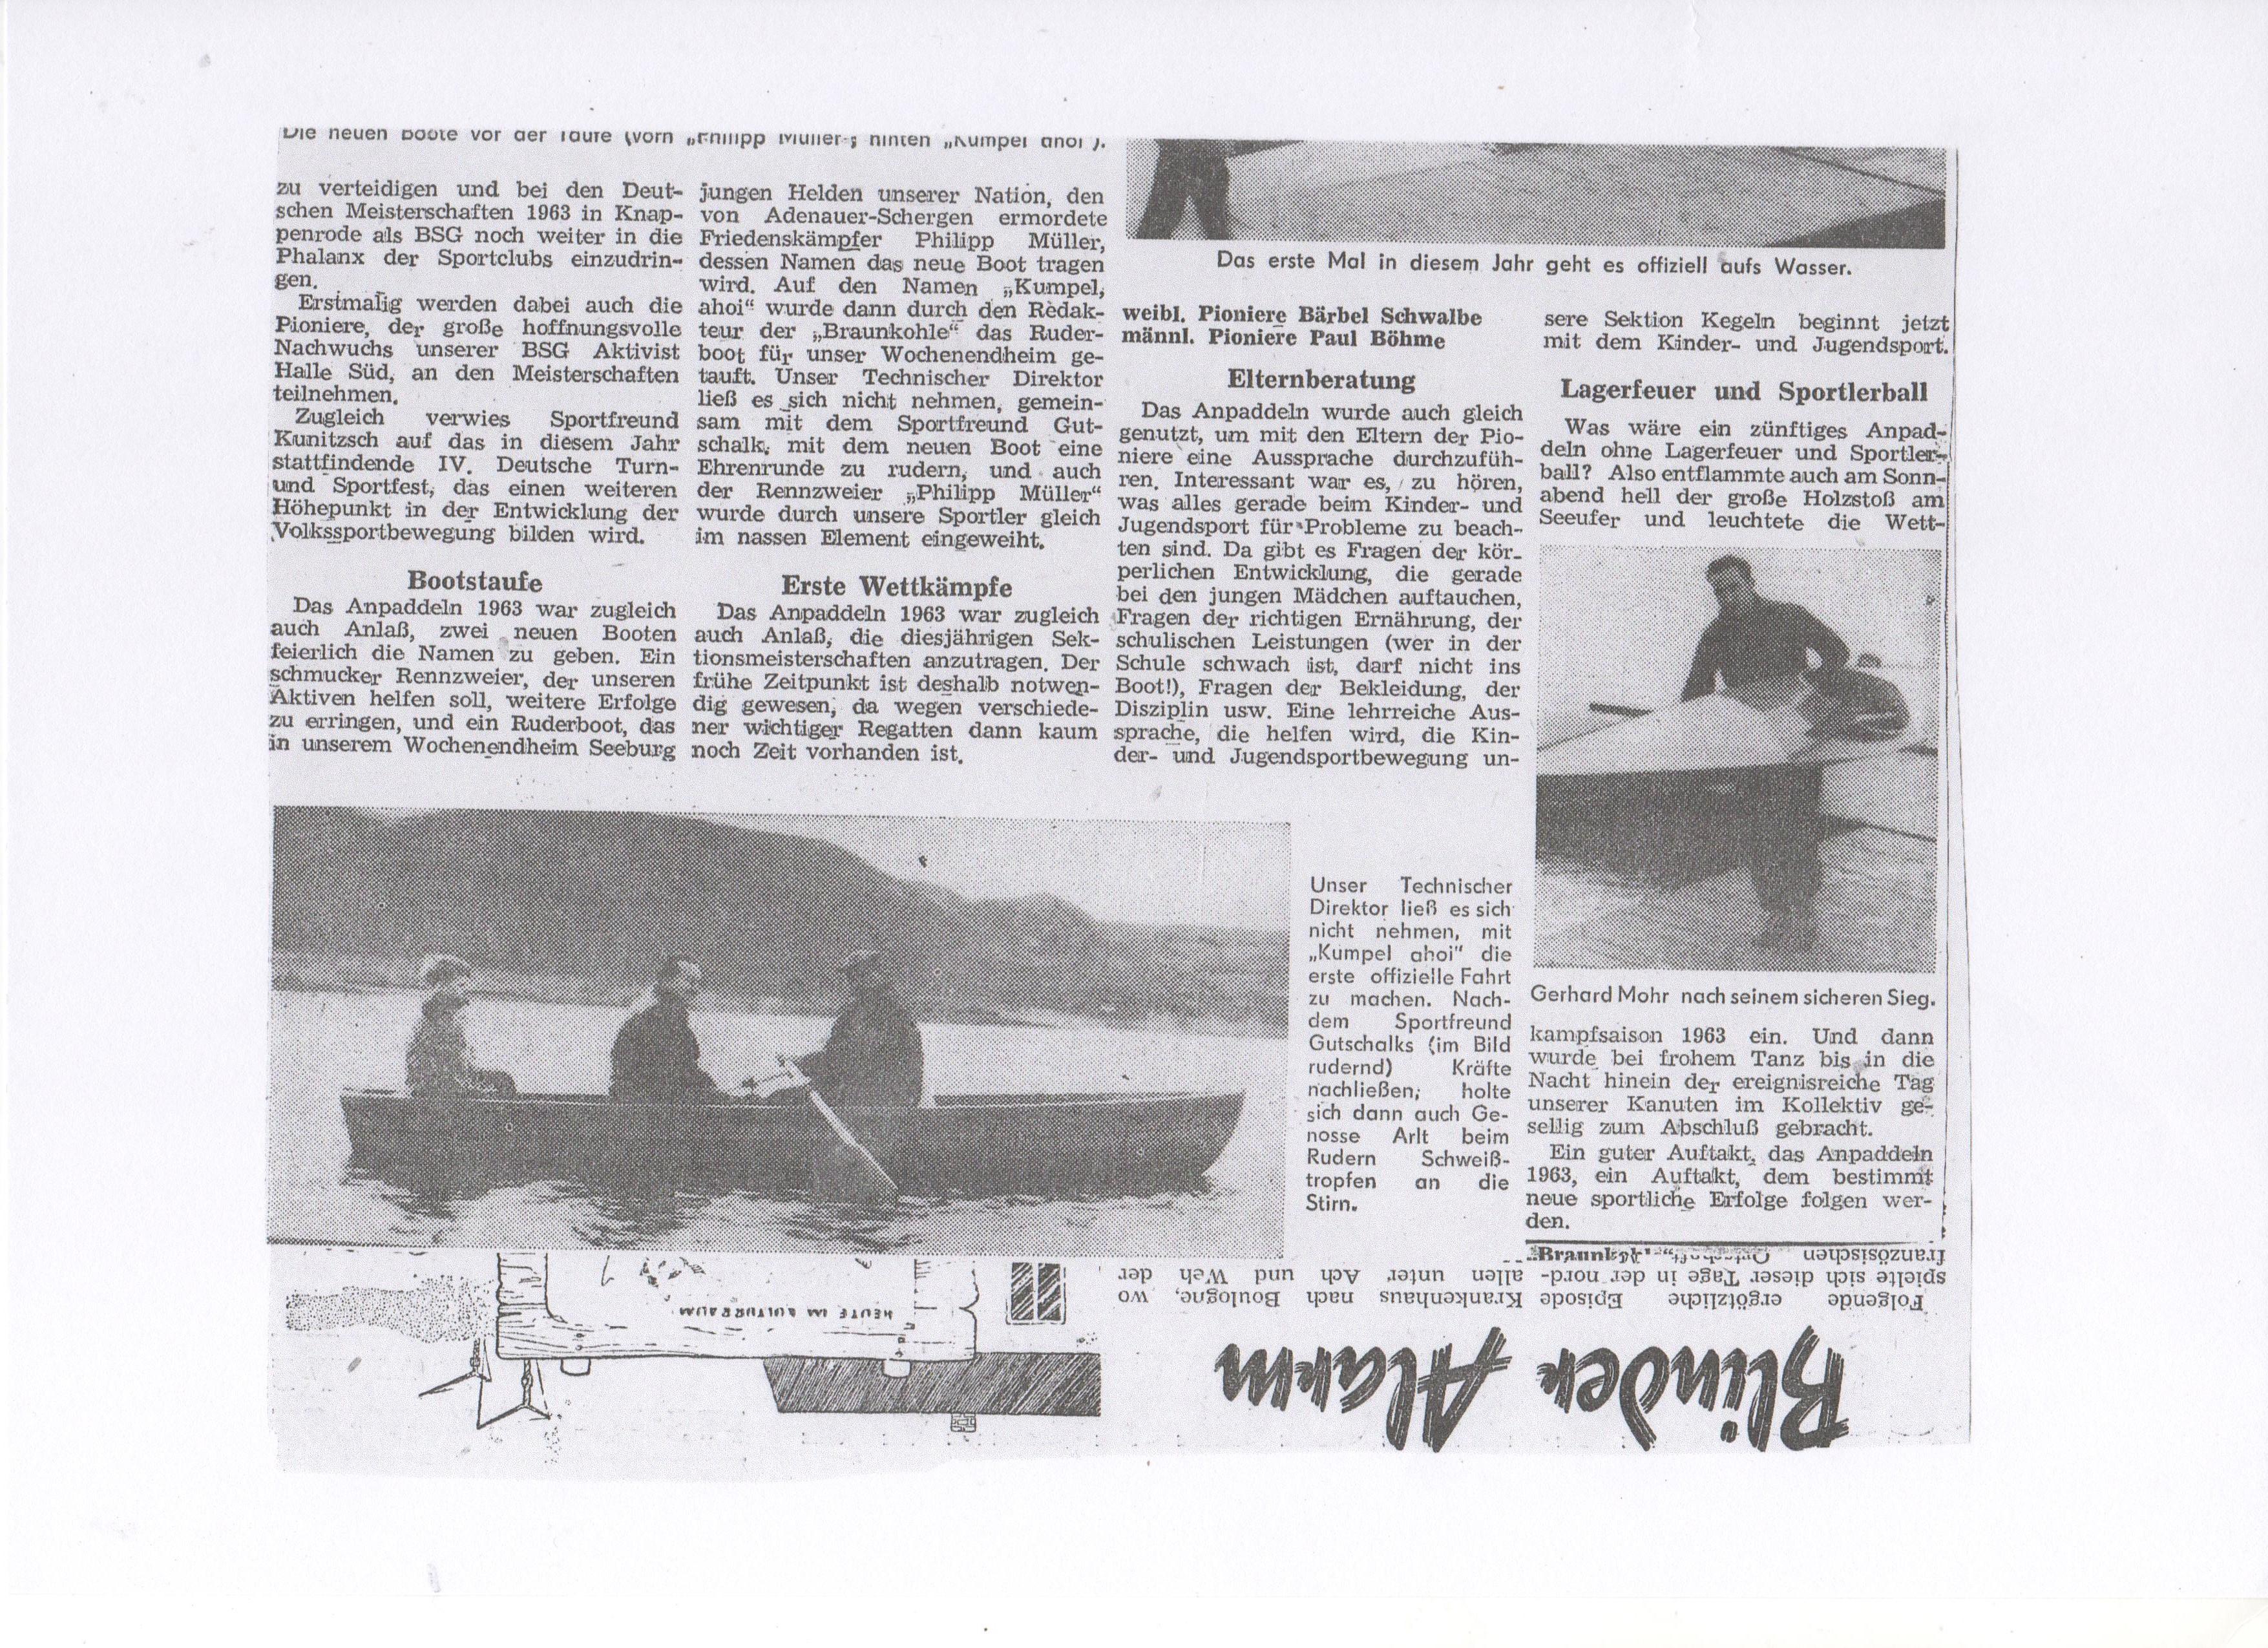 1963-04-06 Anpaddeln (2)